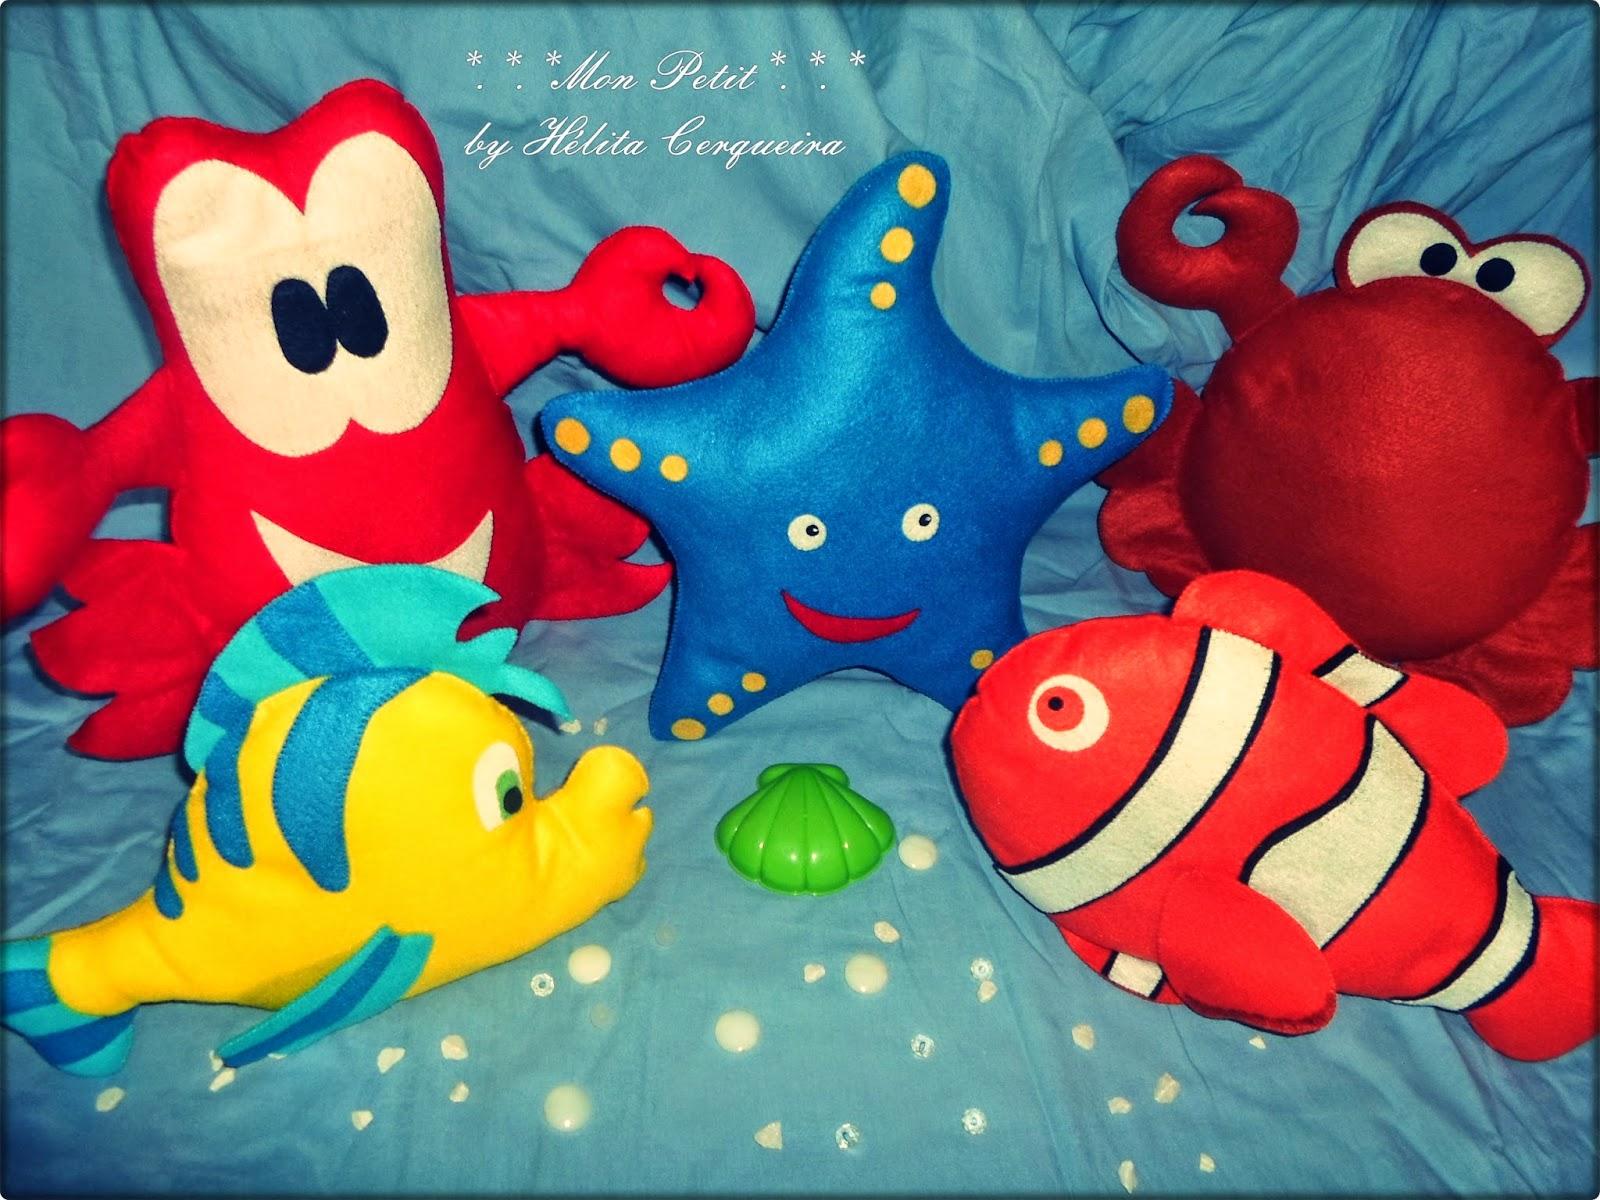 fundo do mar-decoração-aniversário-feltro-pequena sereia